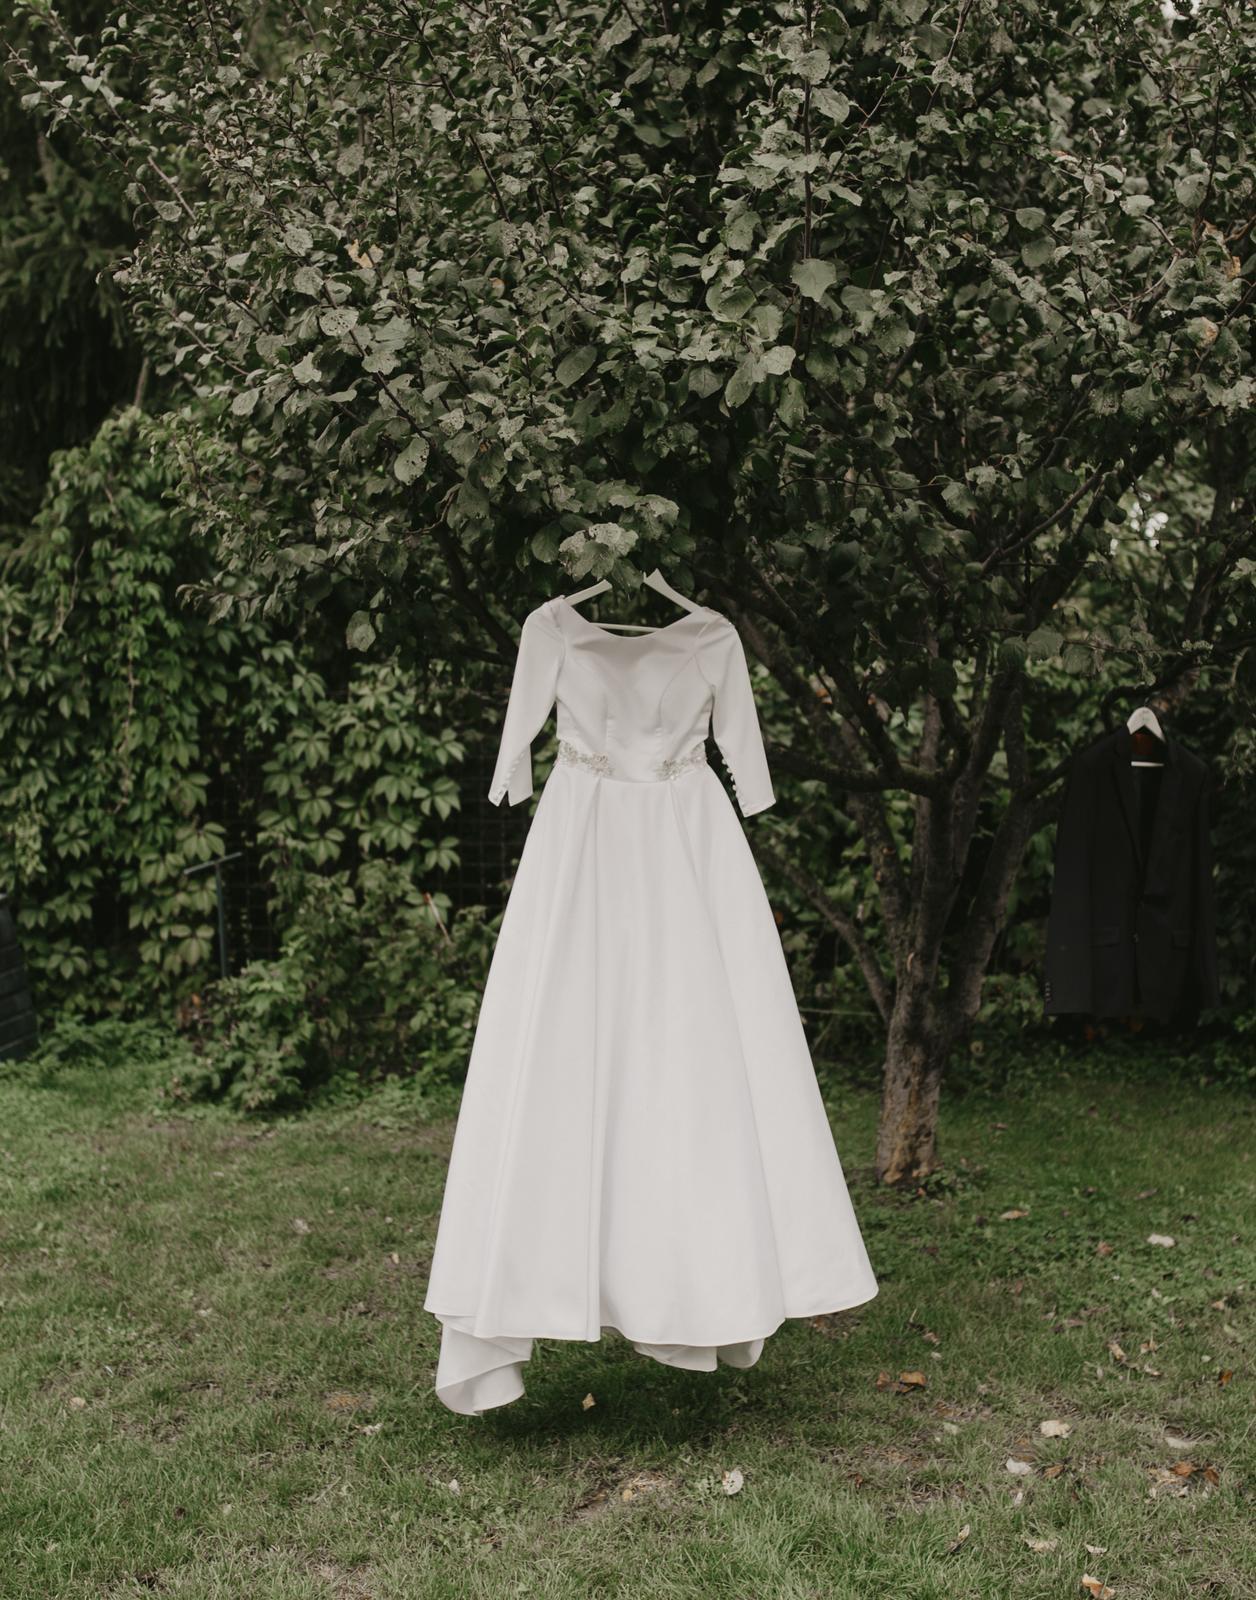 Predám svoje svadobné šaty - Obrázok č. 4